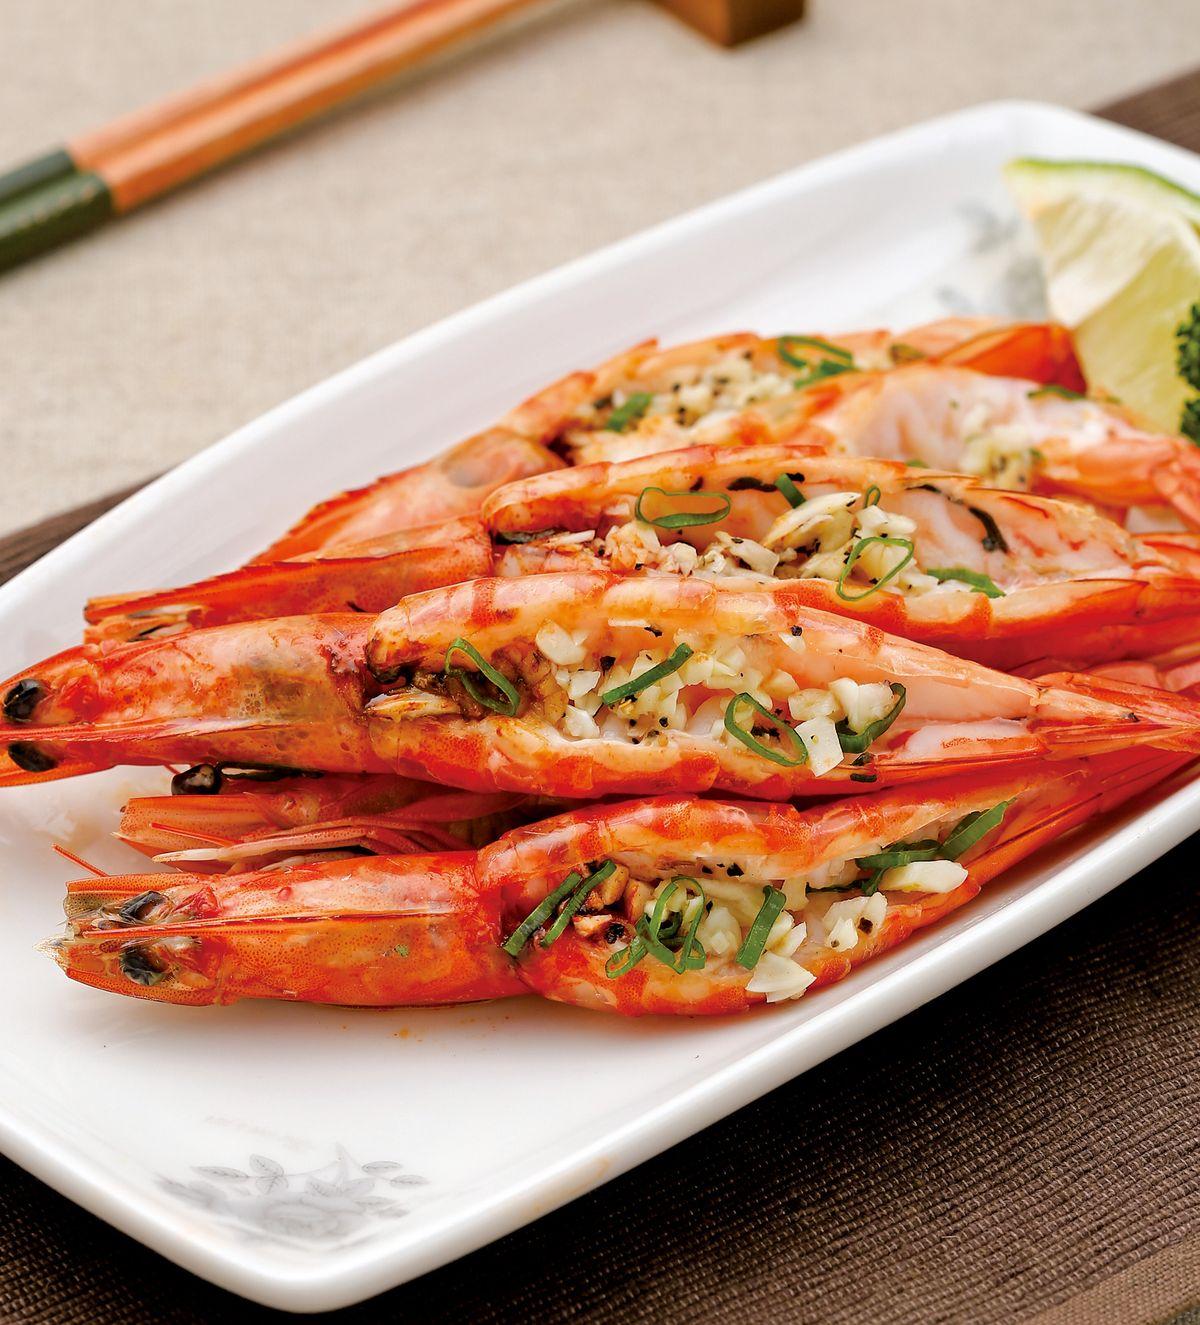 食譜:蒜蓉蒸鮮蝦